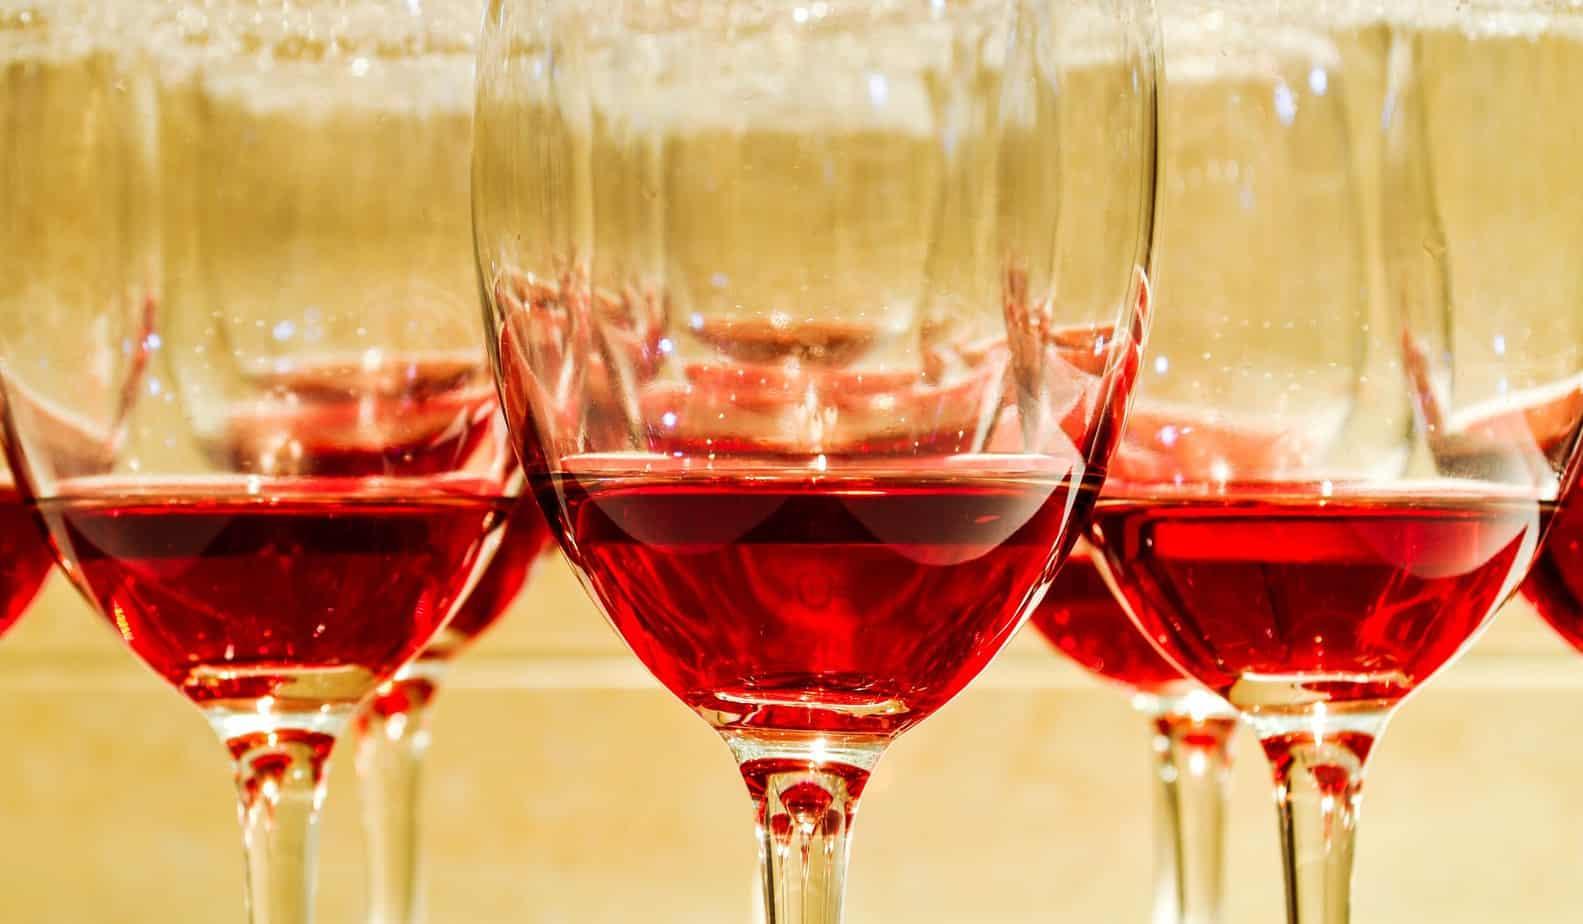 La boisson alcoolisée et le sommeil ne font pas bon ménage : voici 6 explications